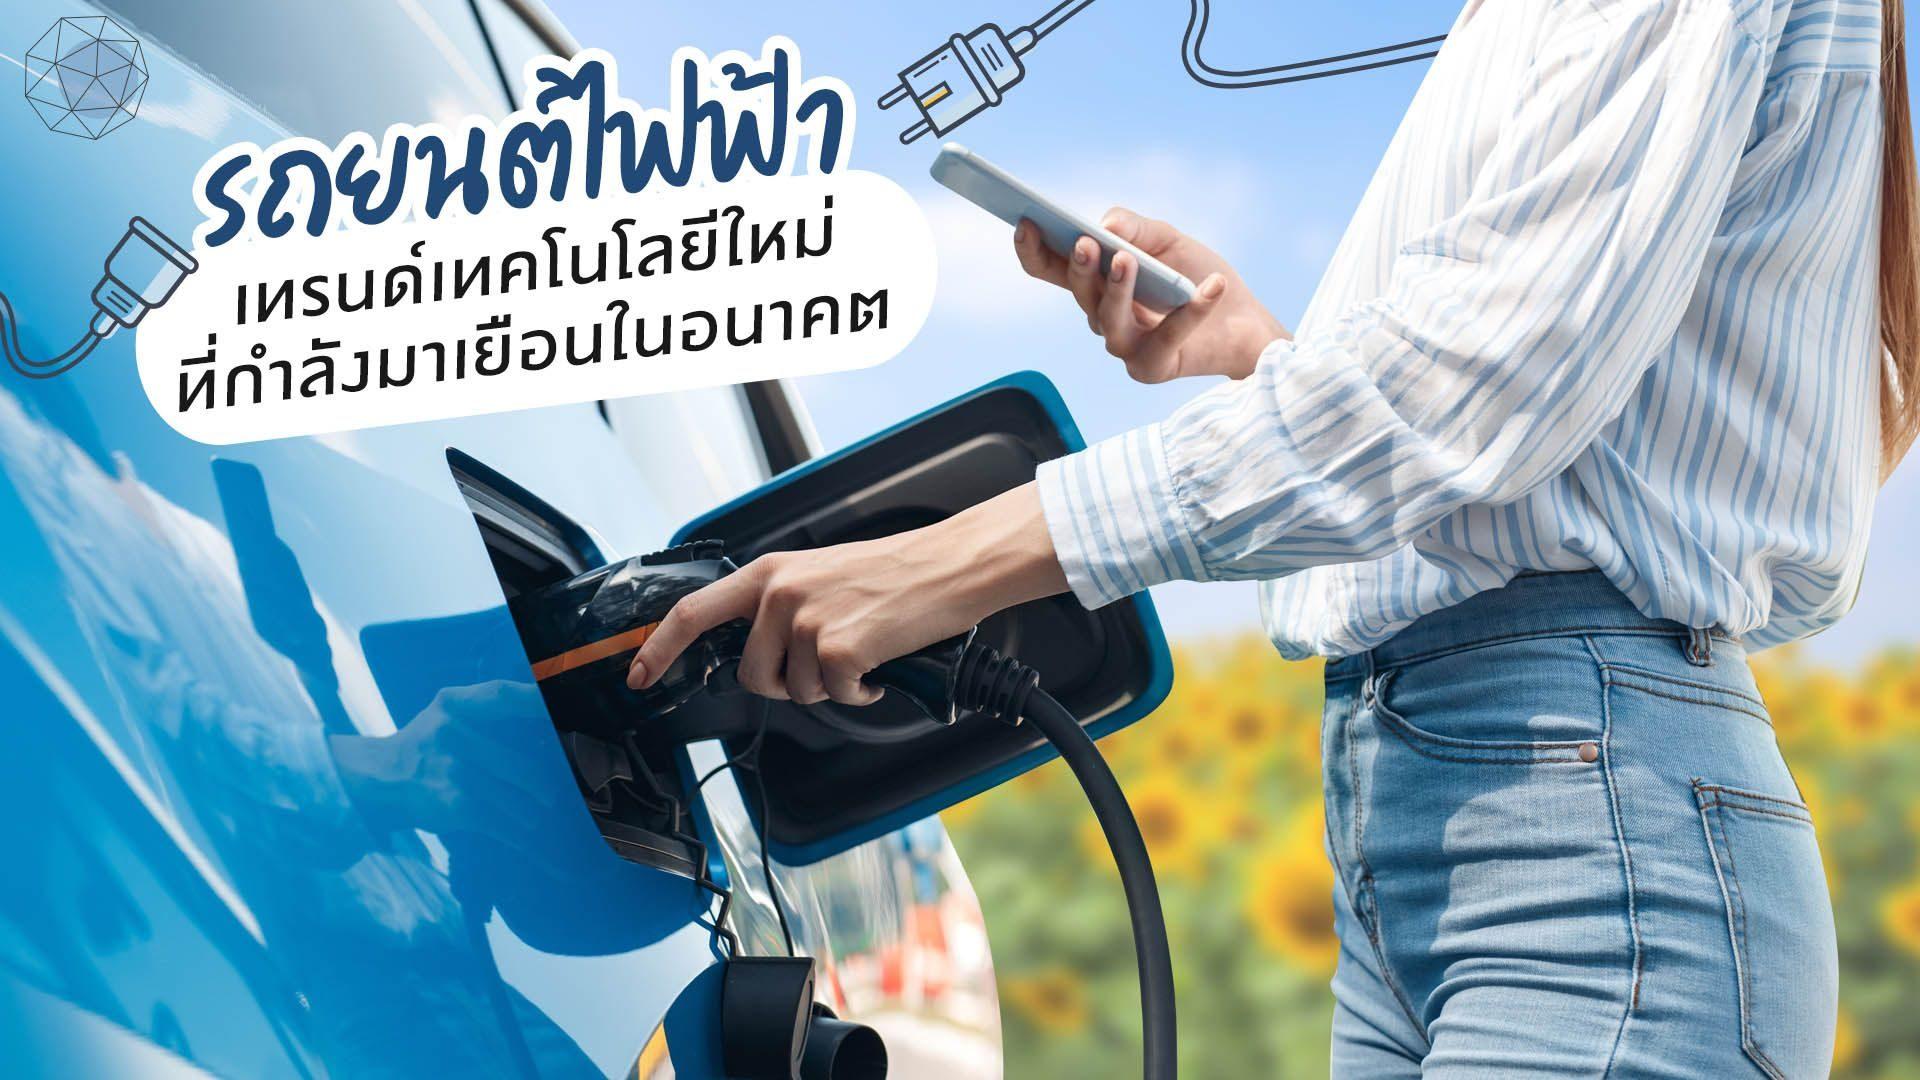 เทรนด์รถยนต์ไฟฟ้า